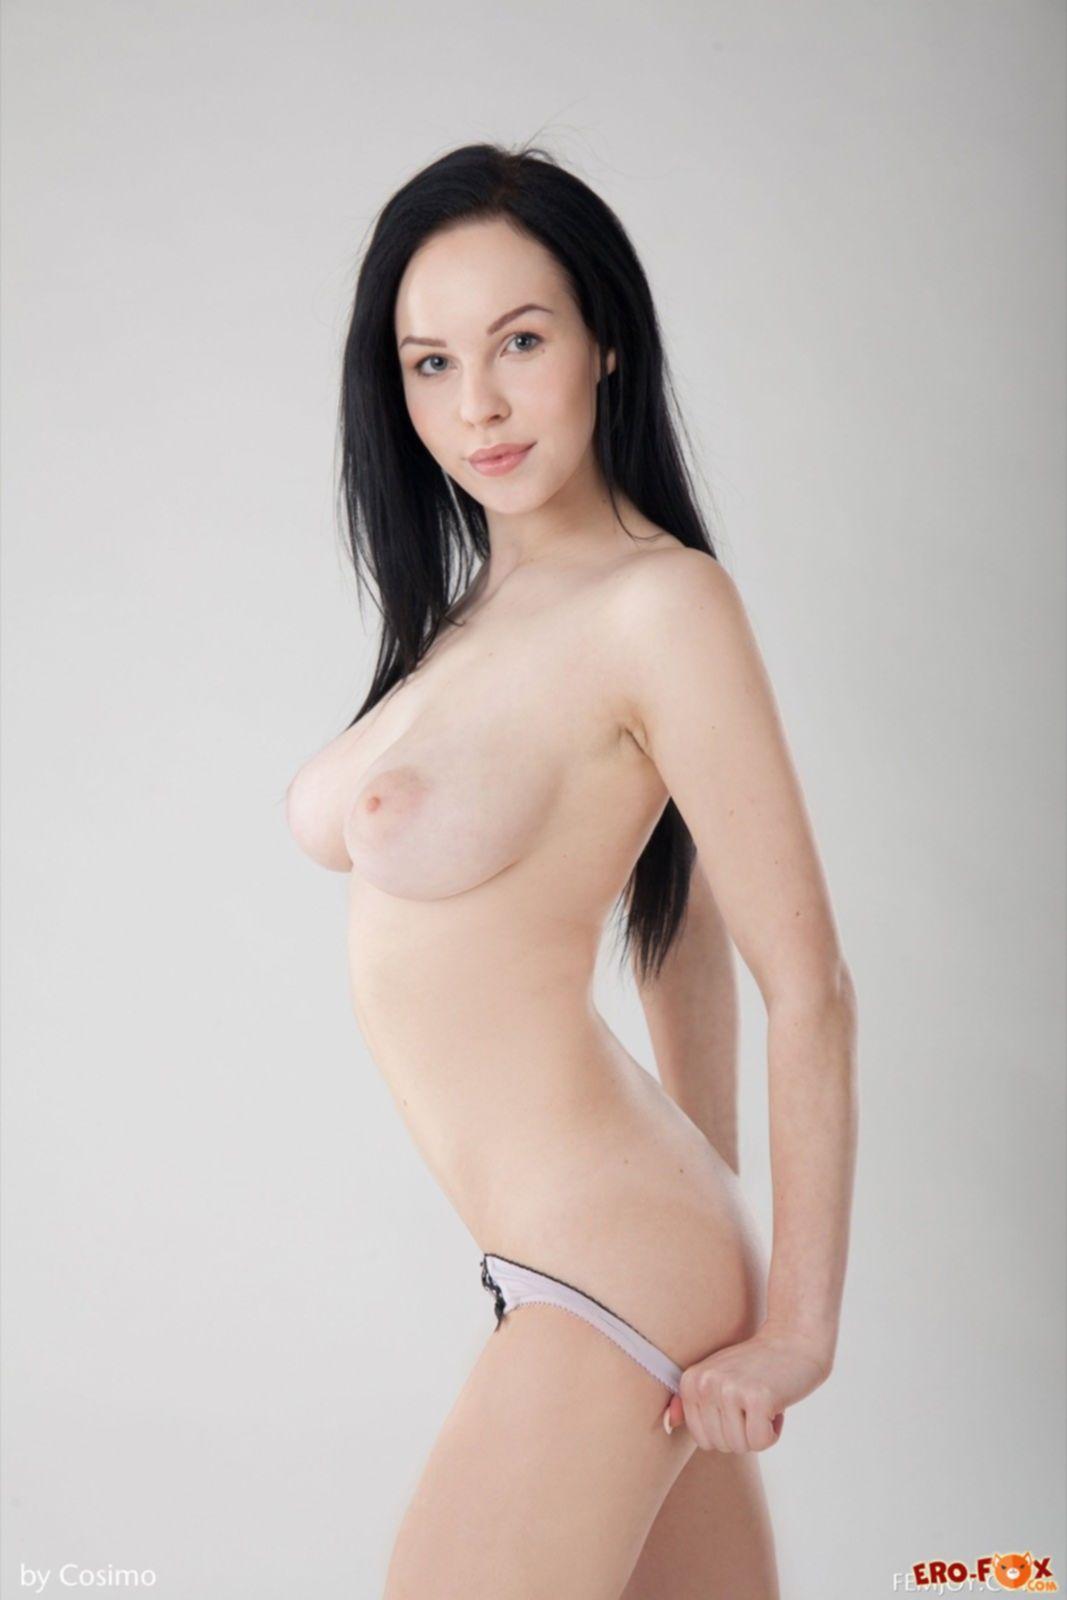 Худенькая брюнетка с большими буферами и тощей попкой голая - фото